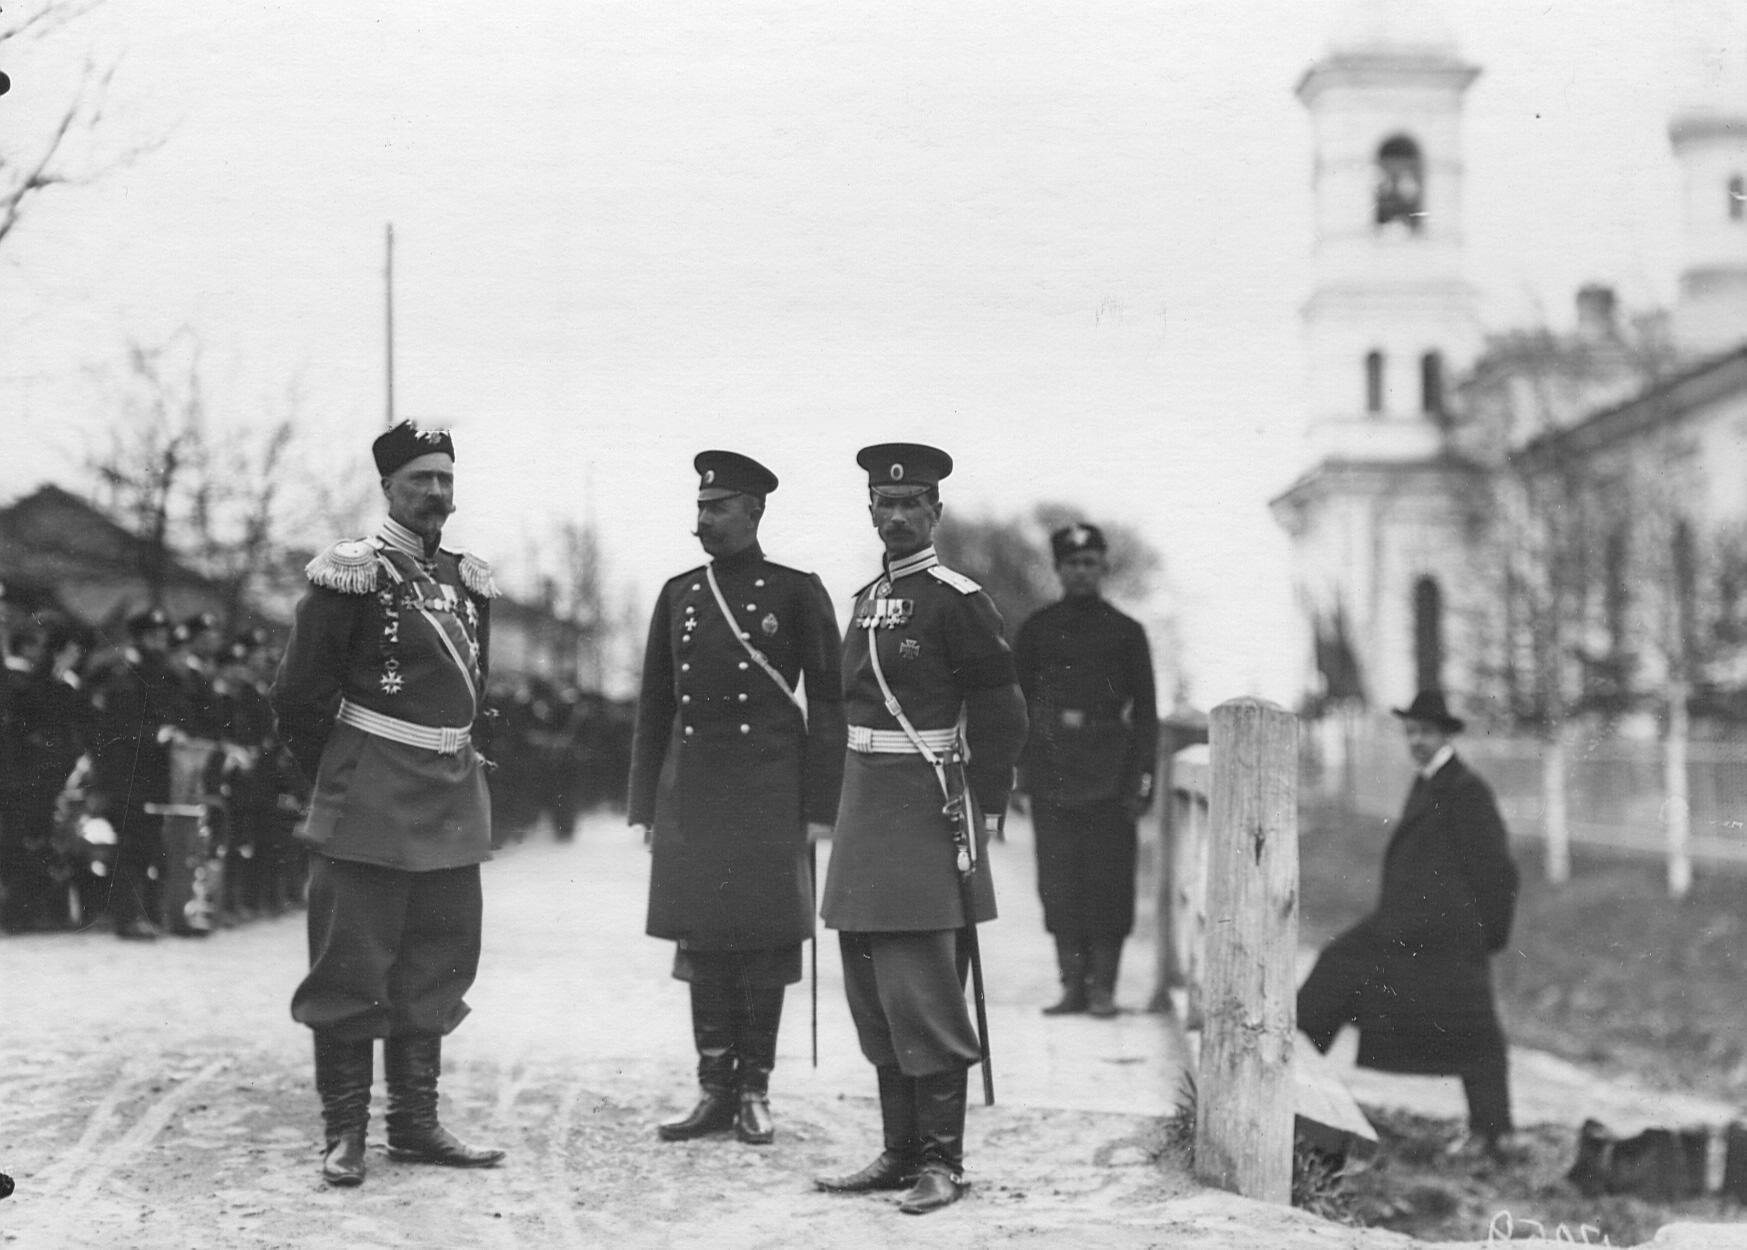 Командир 2-го стрелкового Царскосельского батальона с группой военных в городке батальона на Гатчинском шоссе, справа - полковая церковь святого Преподобного Сергия Радонежского. 19 ноября (2 декабря) 1904 года